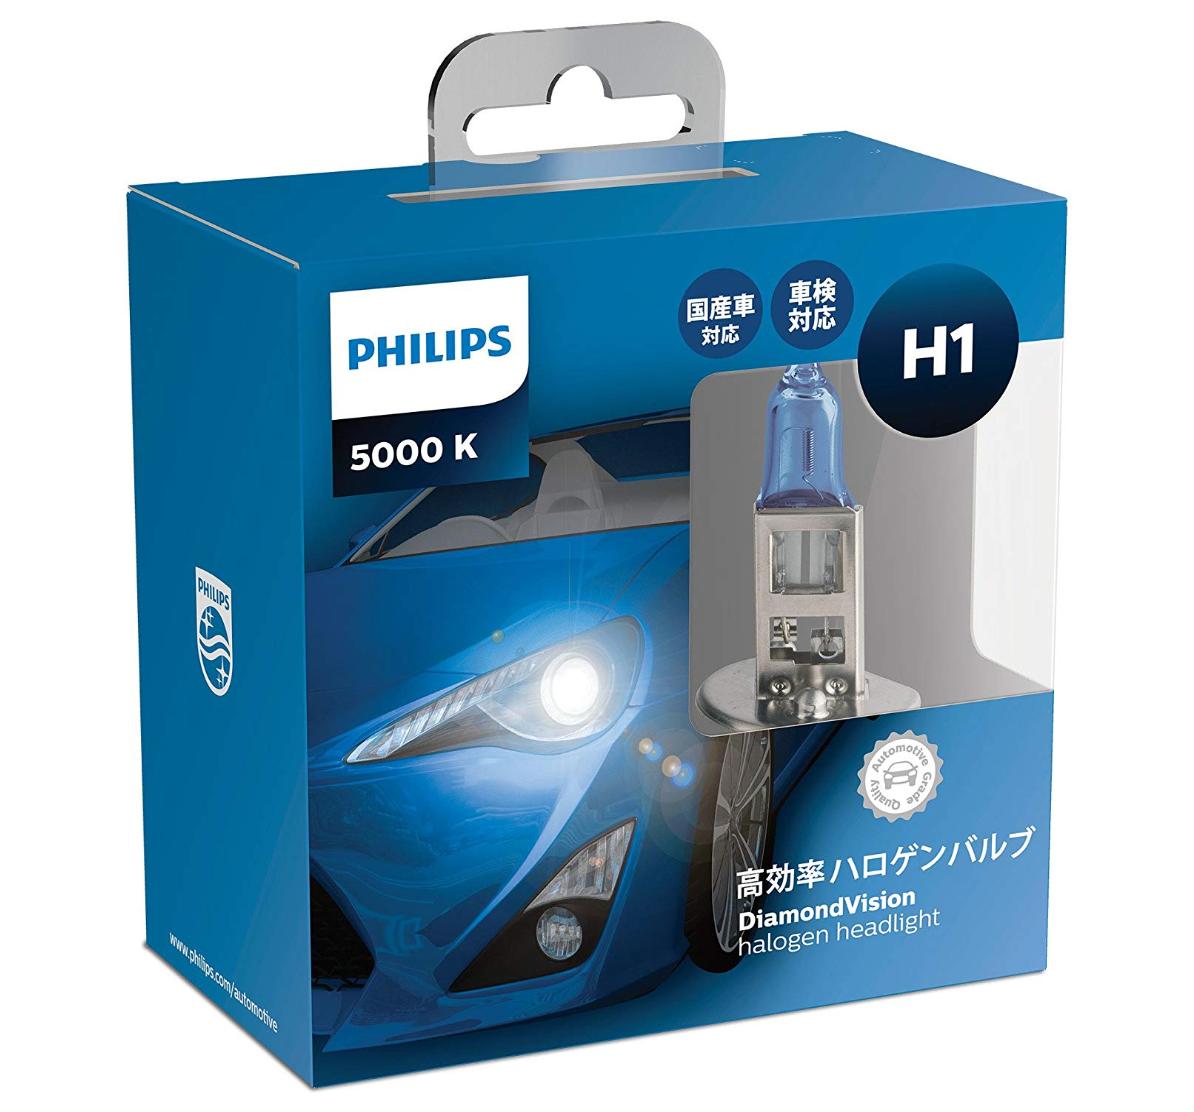 PHILIPS  ヘッドライト ハロゲン バルブ H1 5000K 12V 55W ダイヤモンドヴィジョン 2個入り